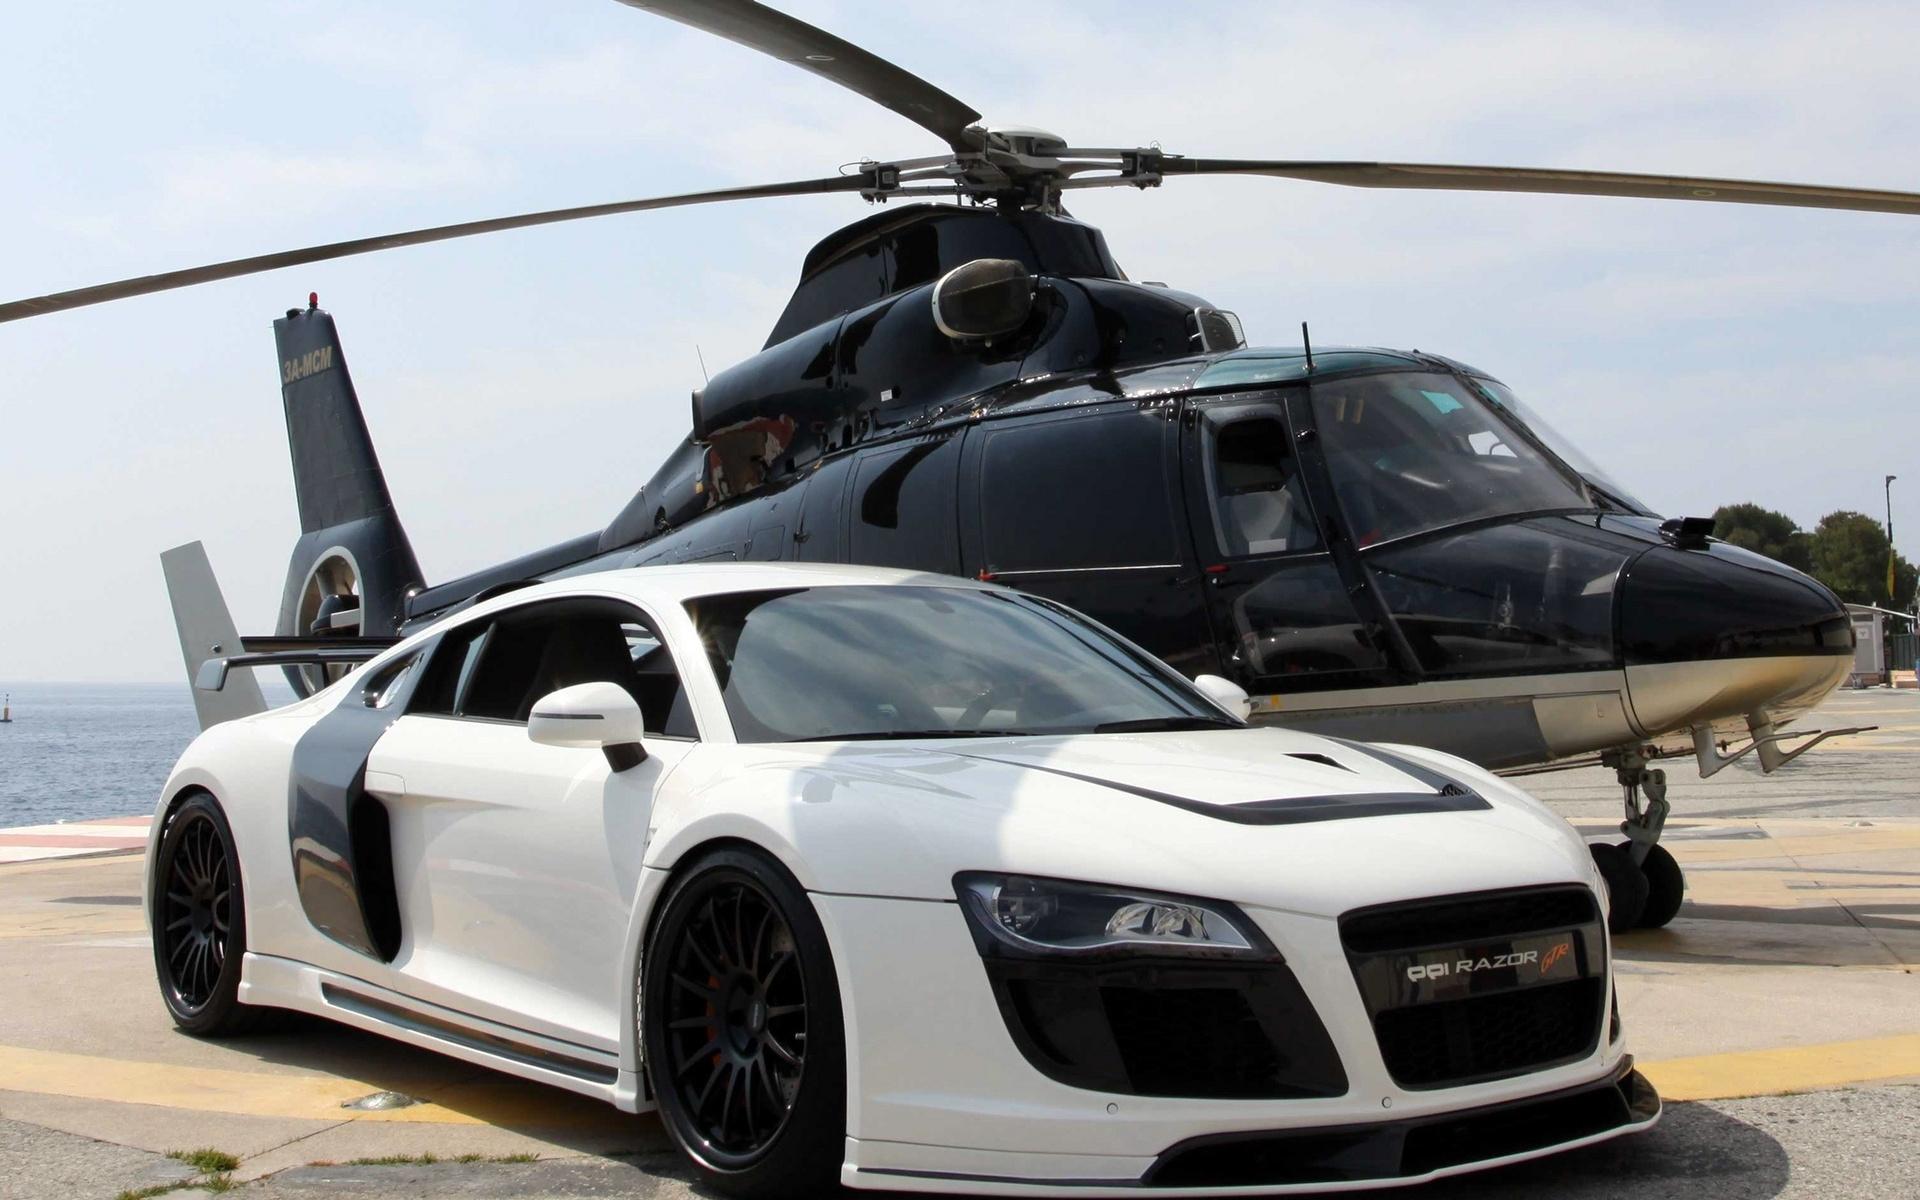 25135 скачать обои Транспорт, Машины, Вертолеты - заставки и картинки бесплатно